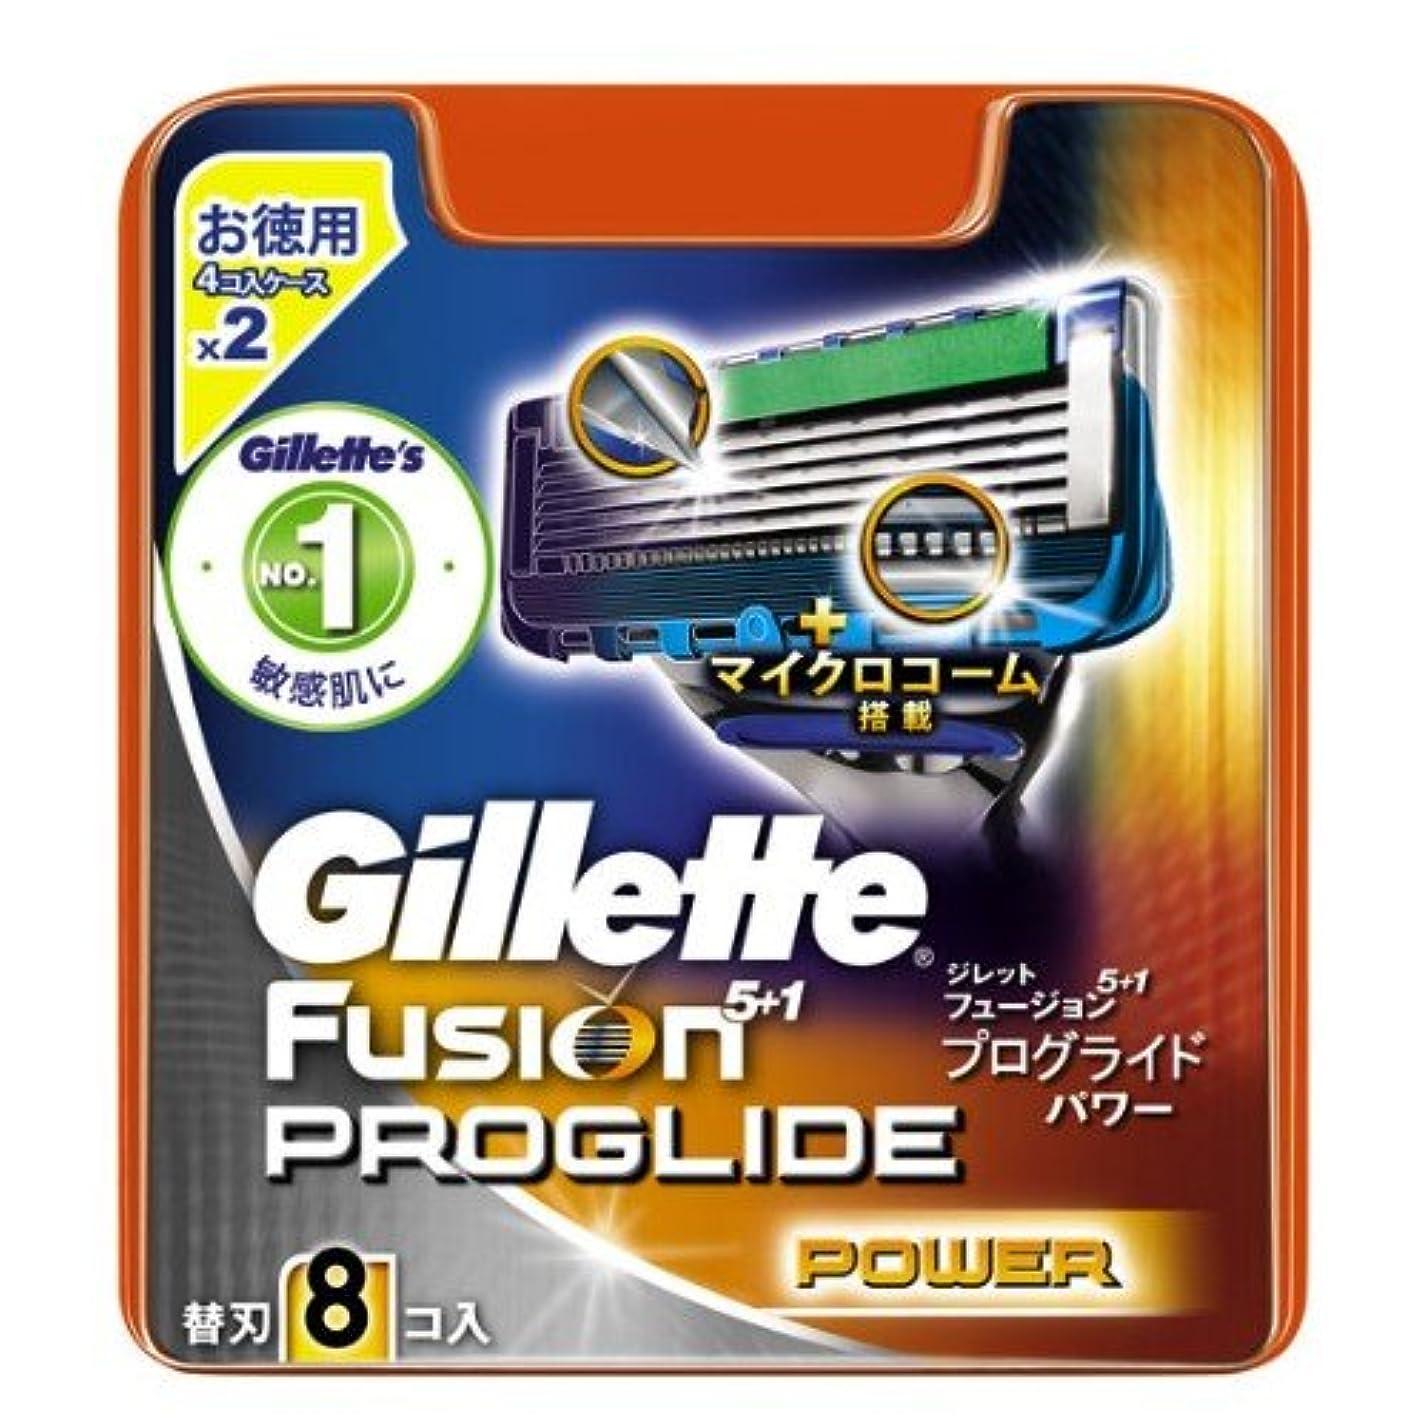 変成器チャップリズミカルなジレット プログライドパワー 専用替刃 8B